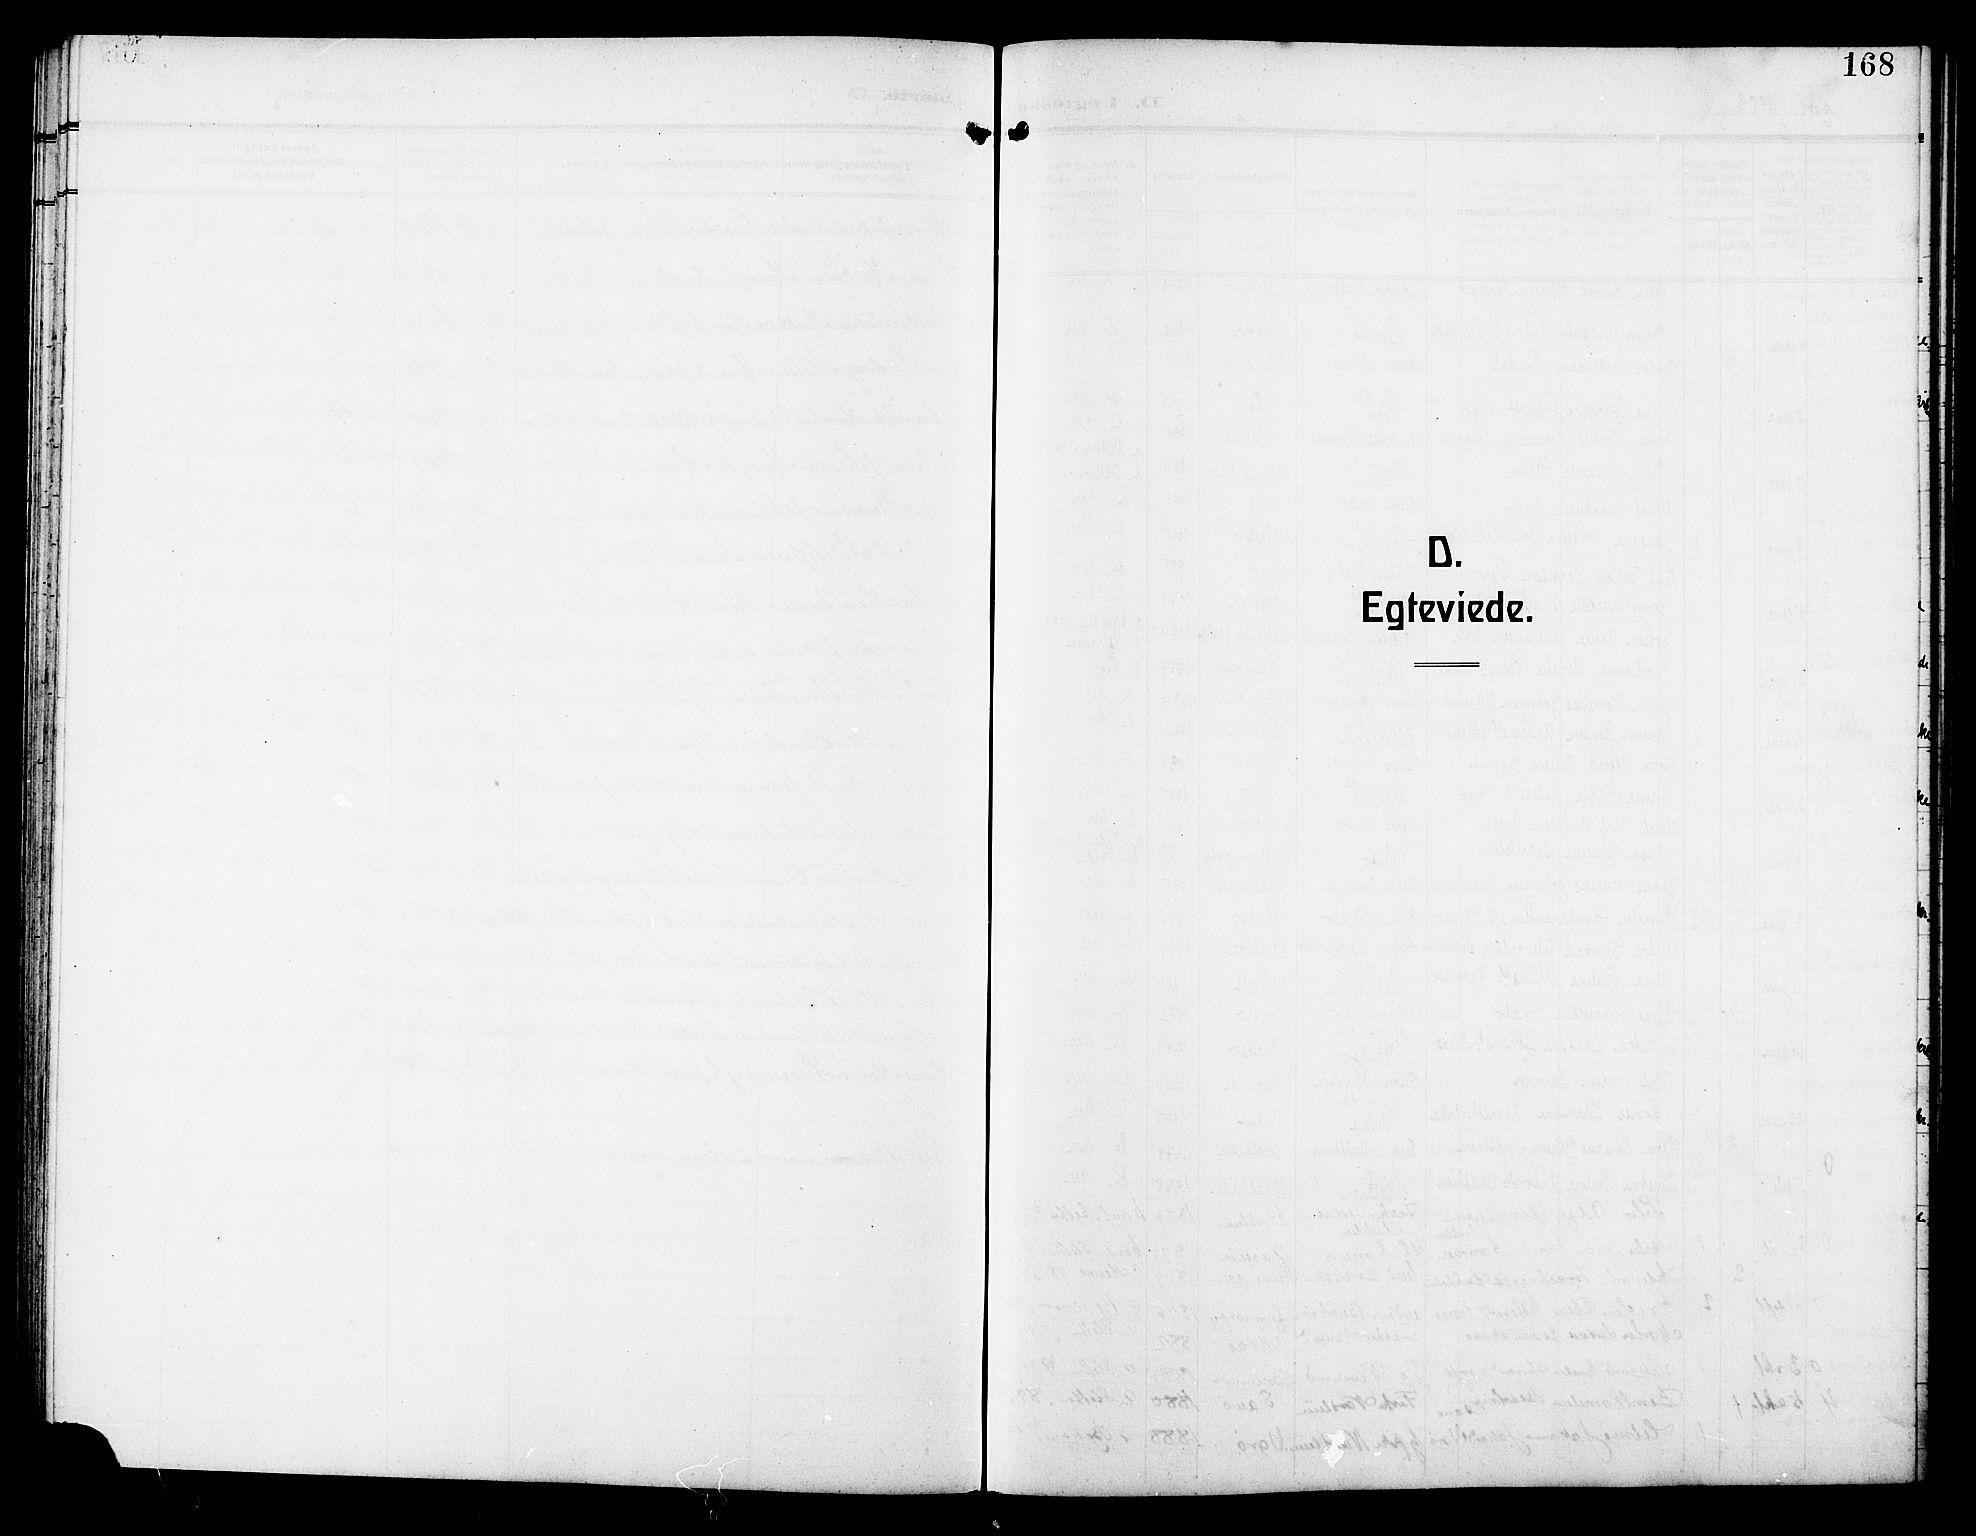 SAT, Ministerialprotokoller, klokkerbøker og fødselsregistre - Sør-Trøndelag, 640/L0588: Klokkerbok nr. 640C05, 1909-1922, s. 168